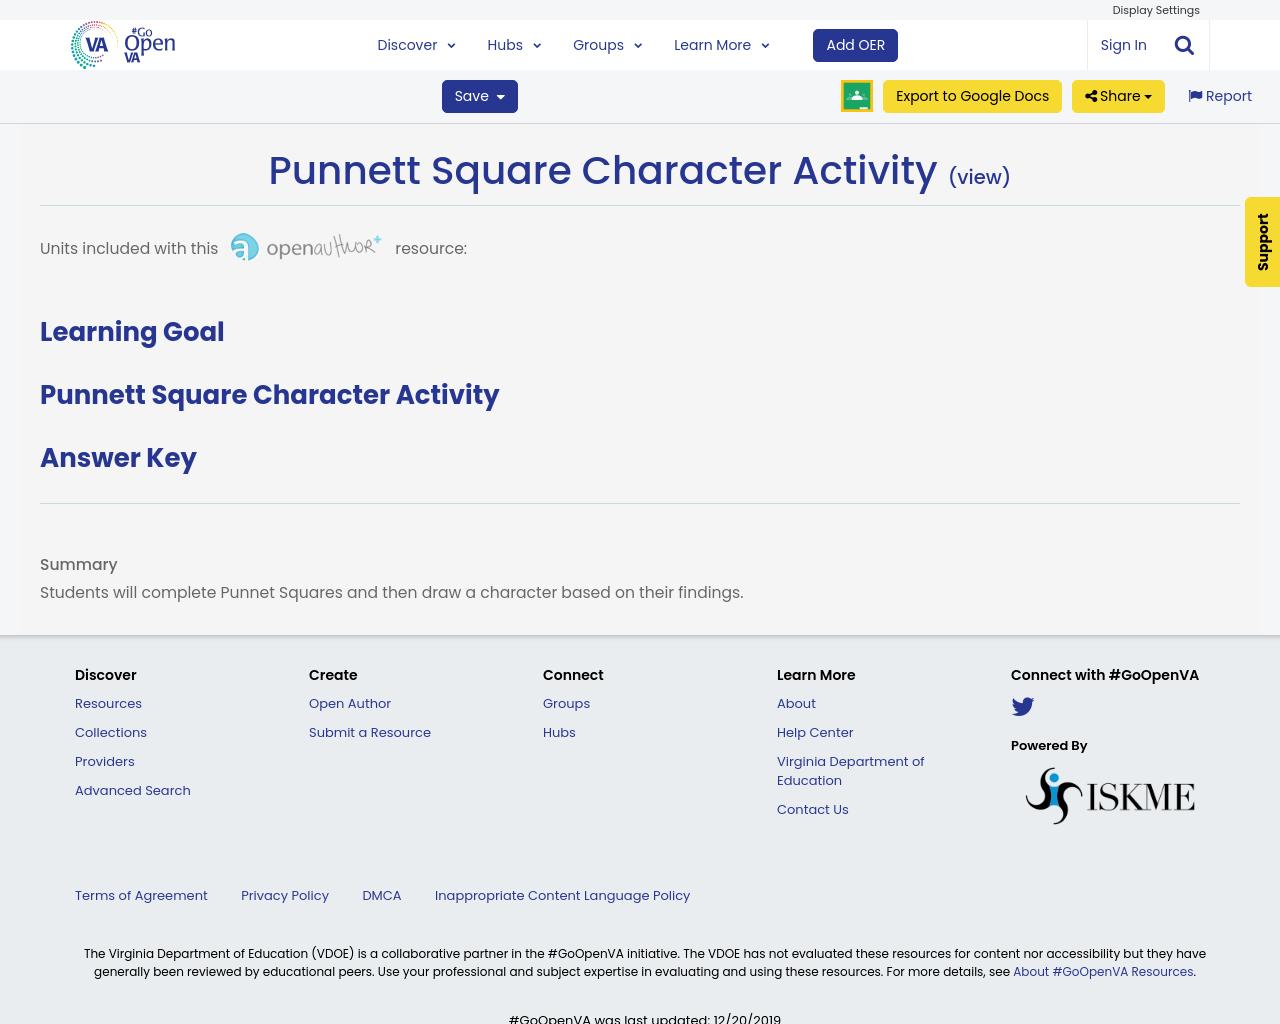 Punnett Square Character Activity